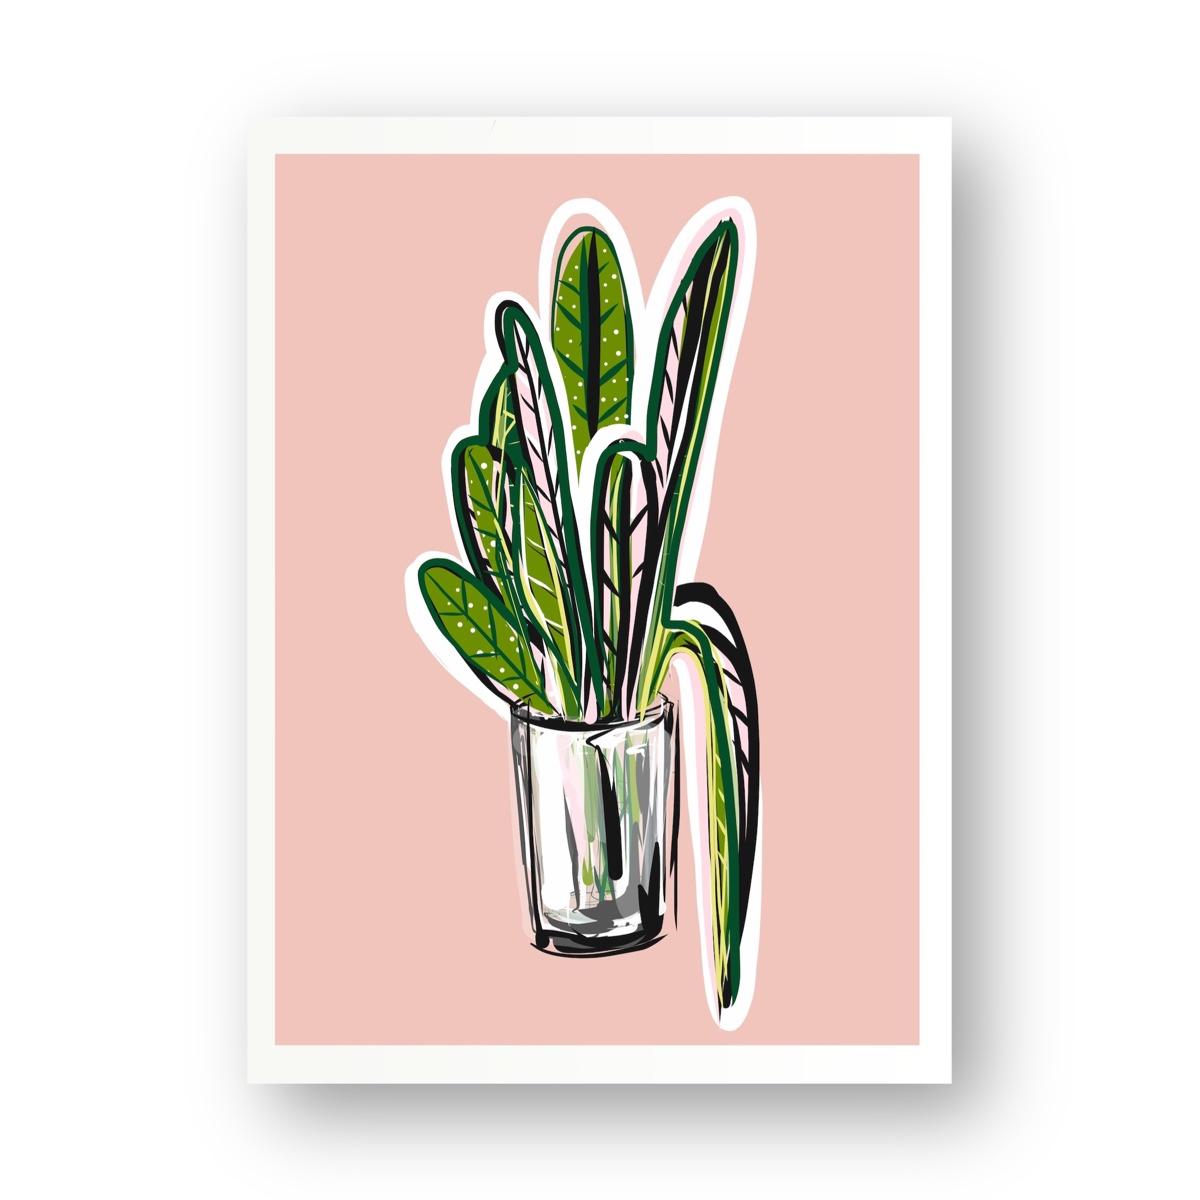 צמח  בכלי זכוכית